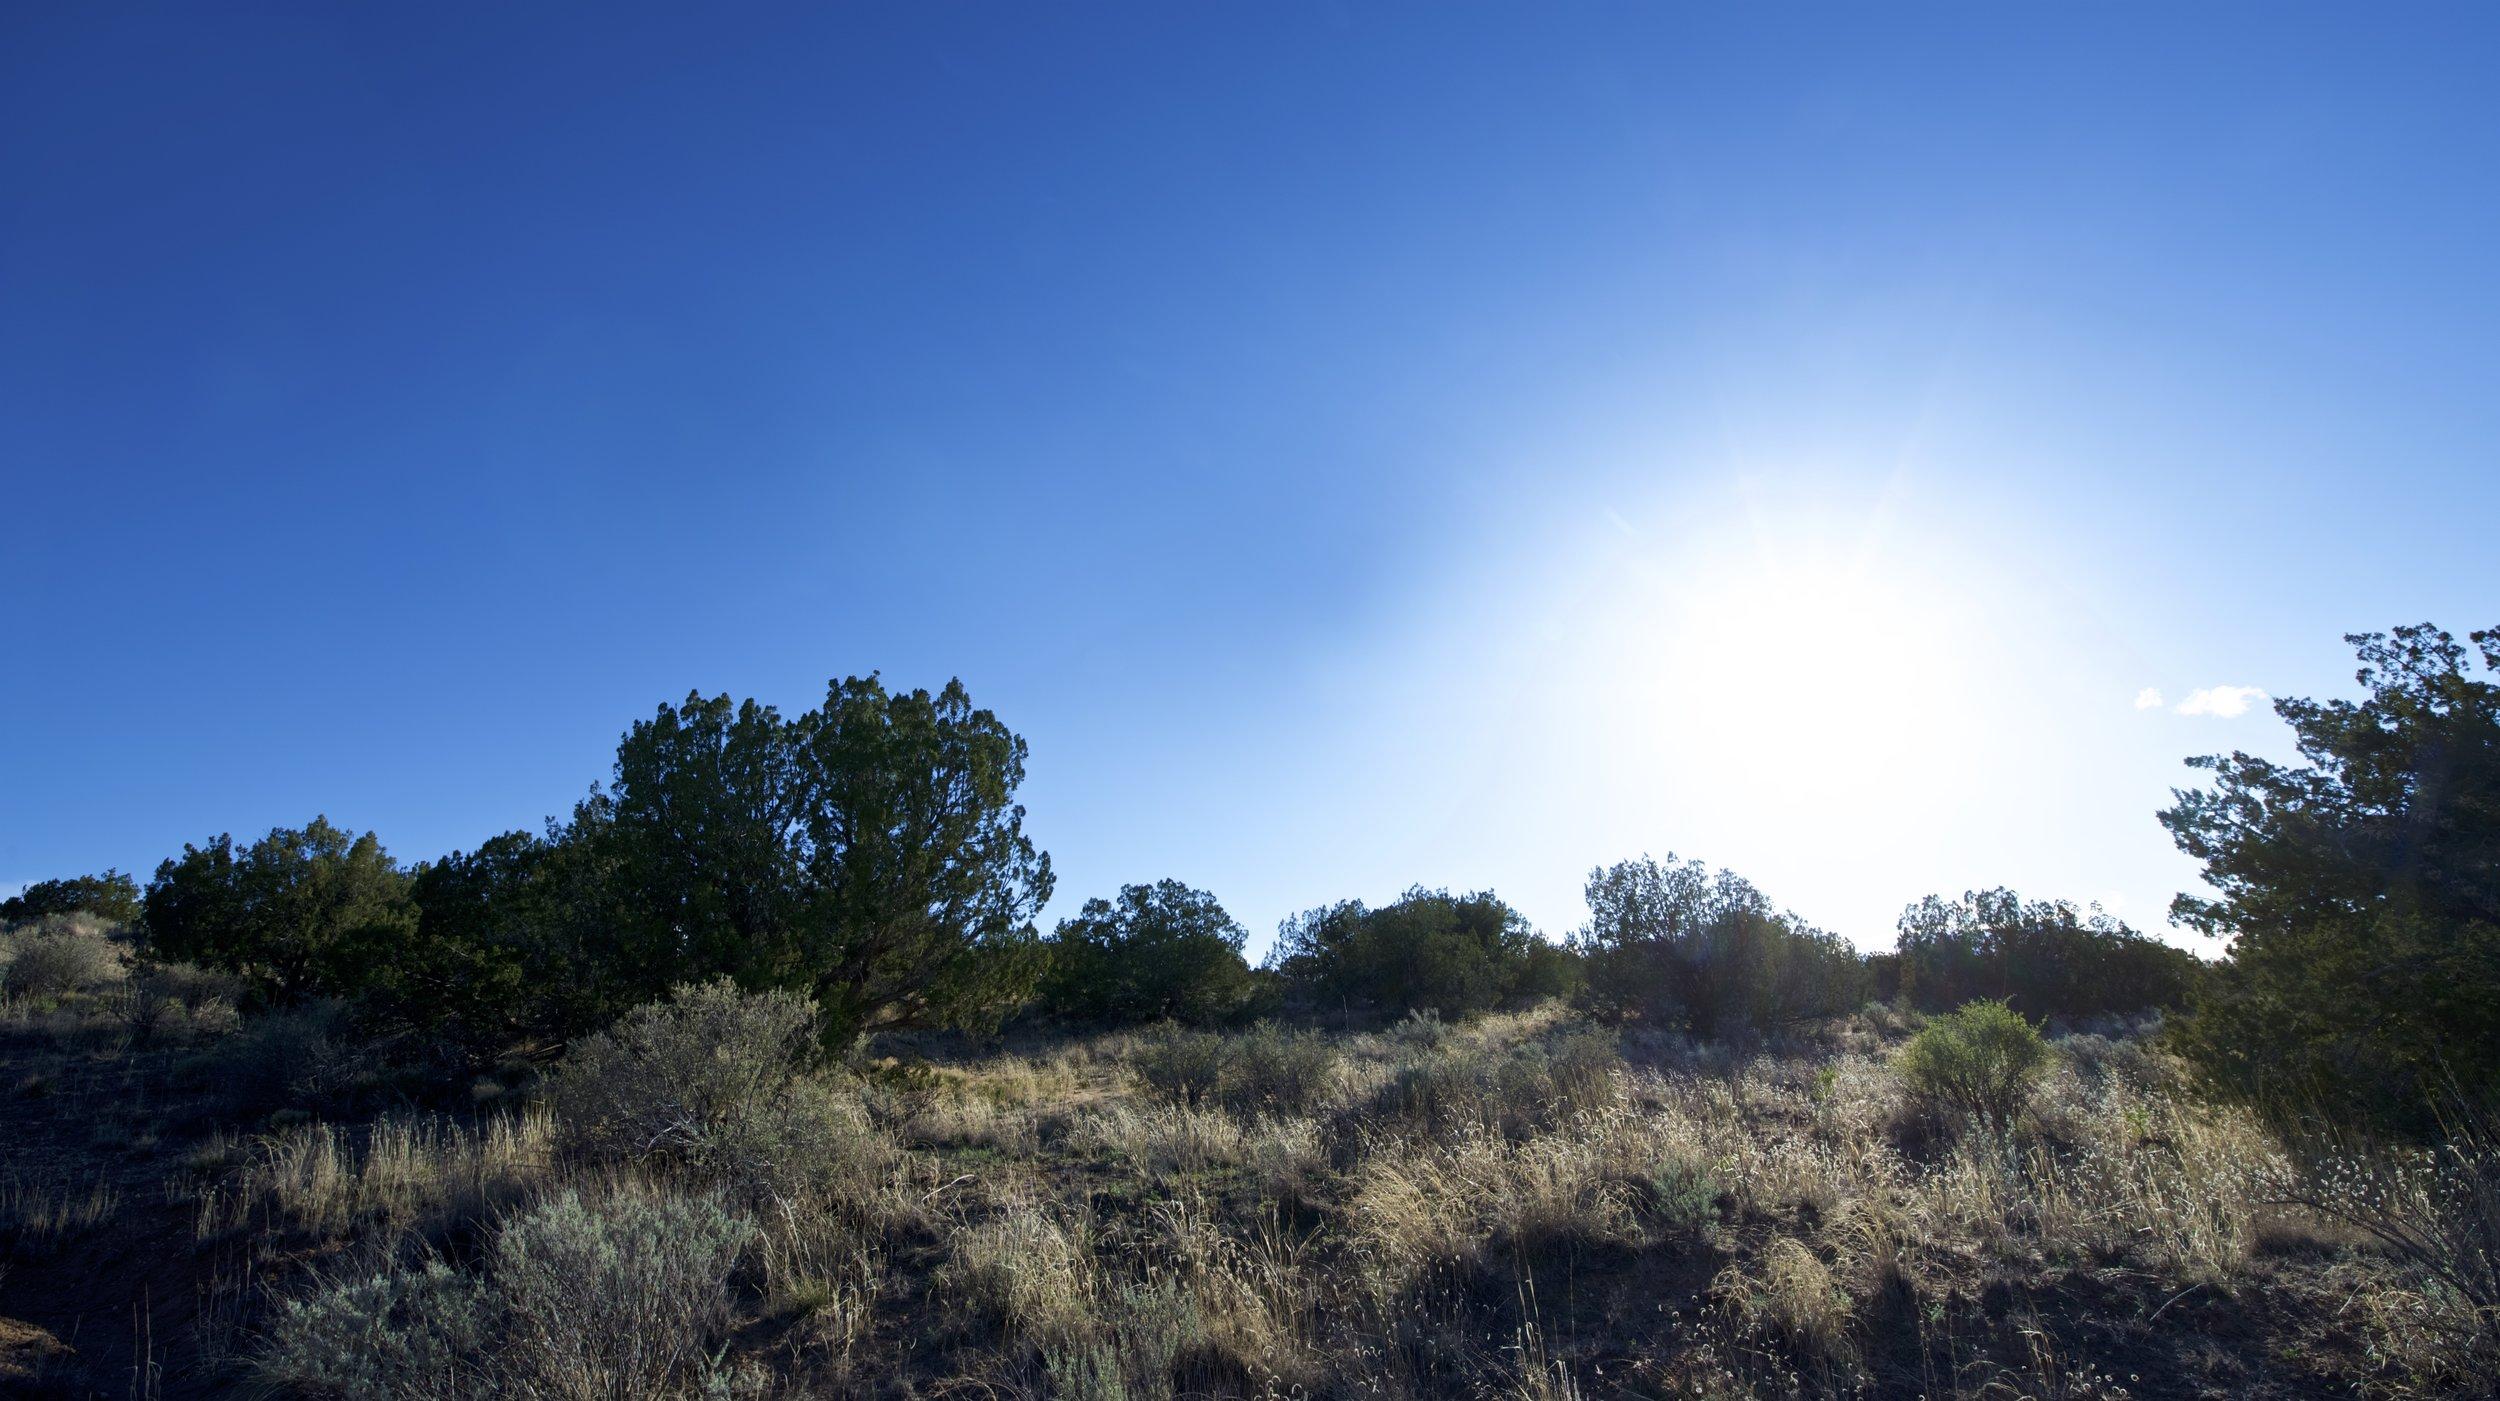 SNNM-2231-rio-rancho-125689.jpg